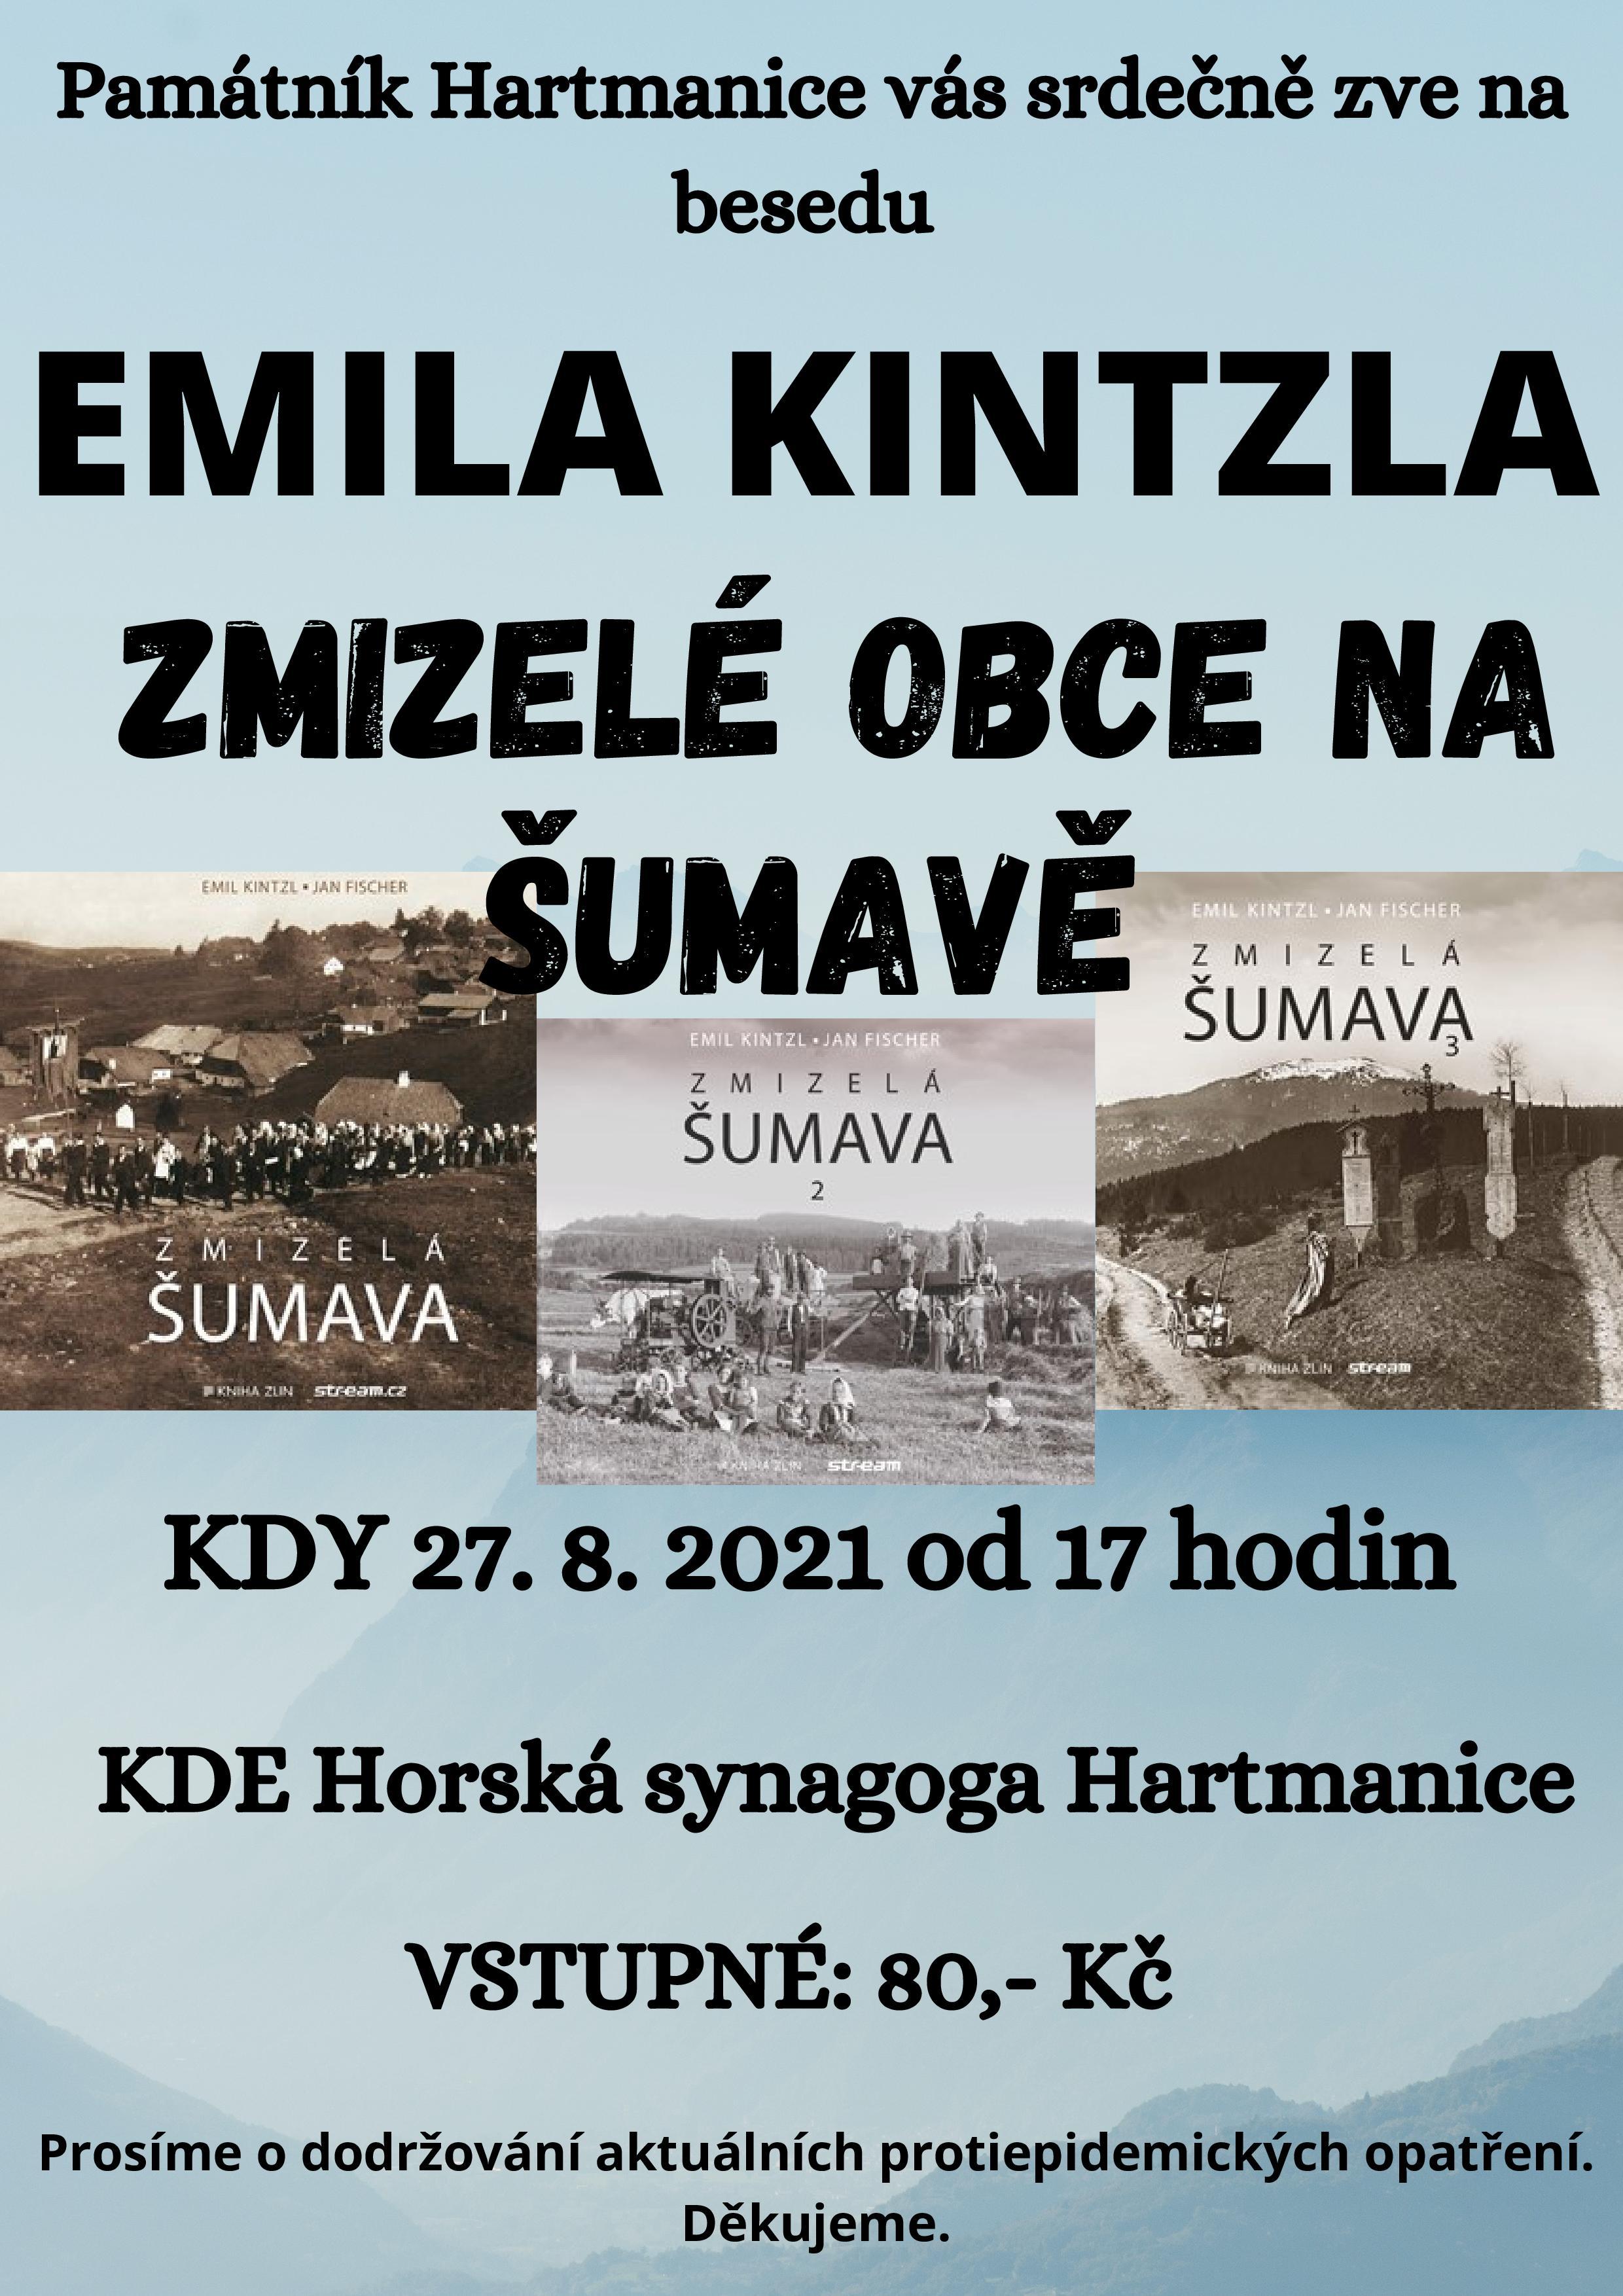 Emil Kintzl beseda 2021